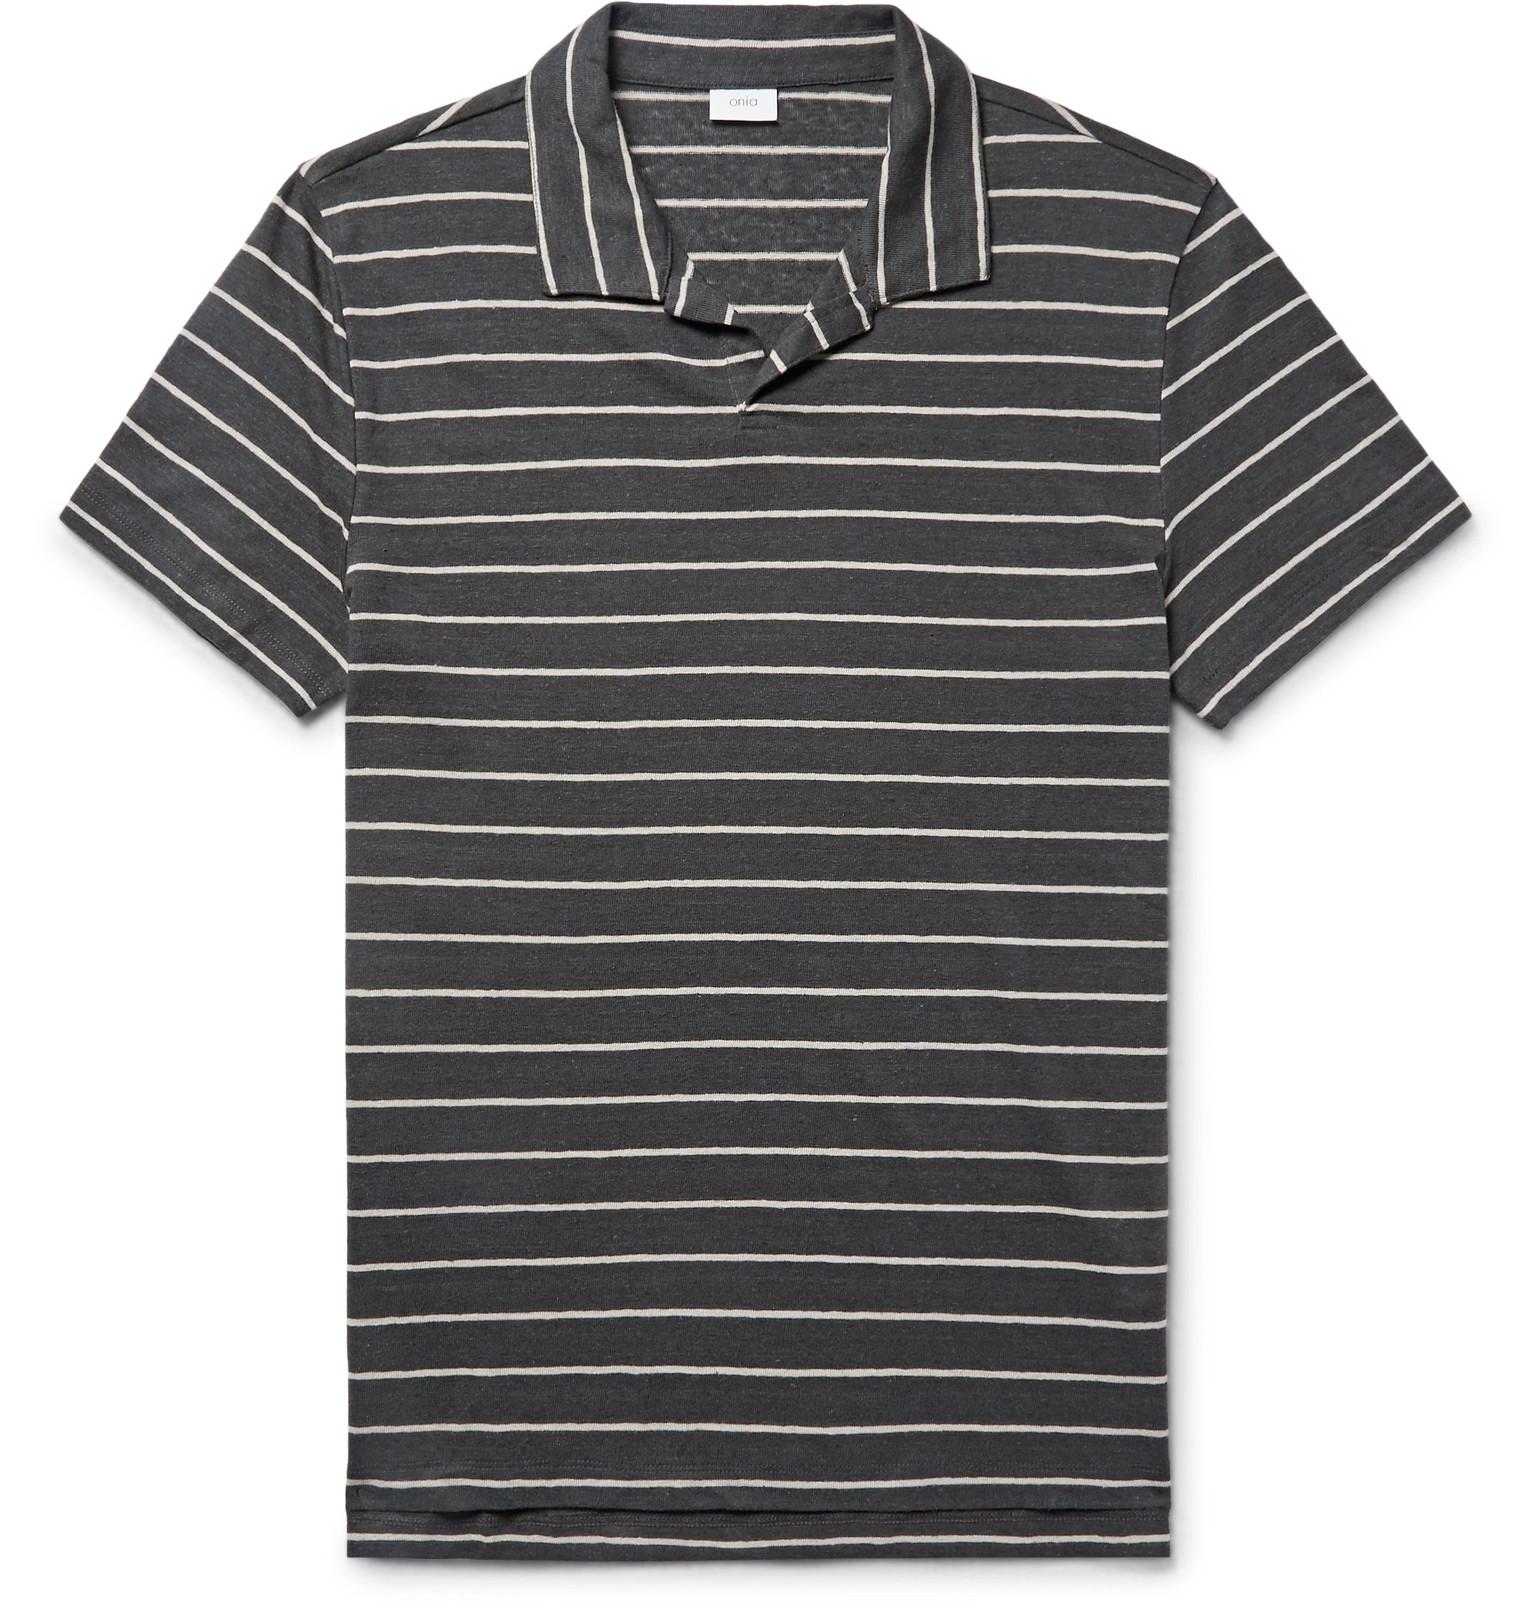 Onia Shaun Slim Fit Striped Knitted Slub Linen Blend Polo Shirt